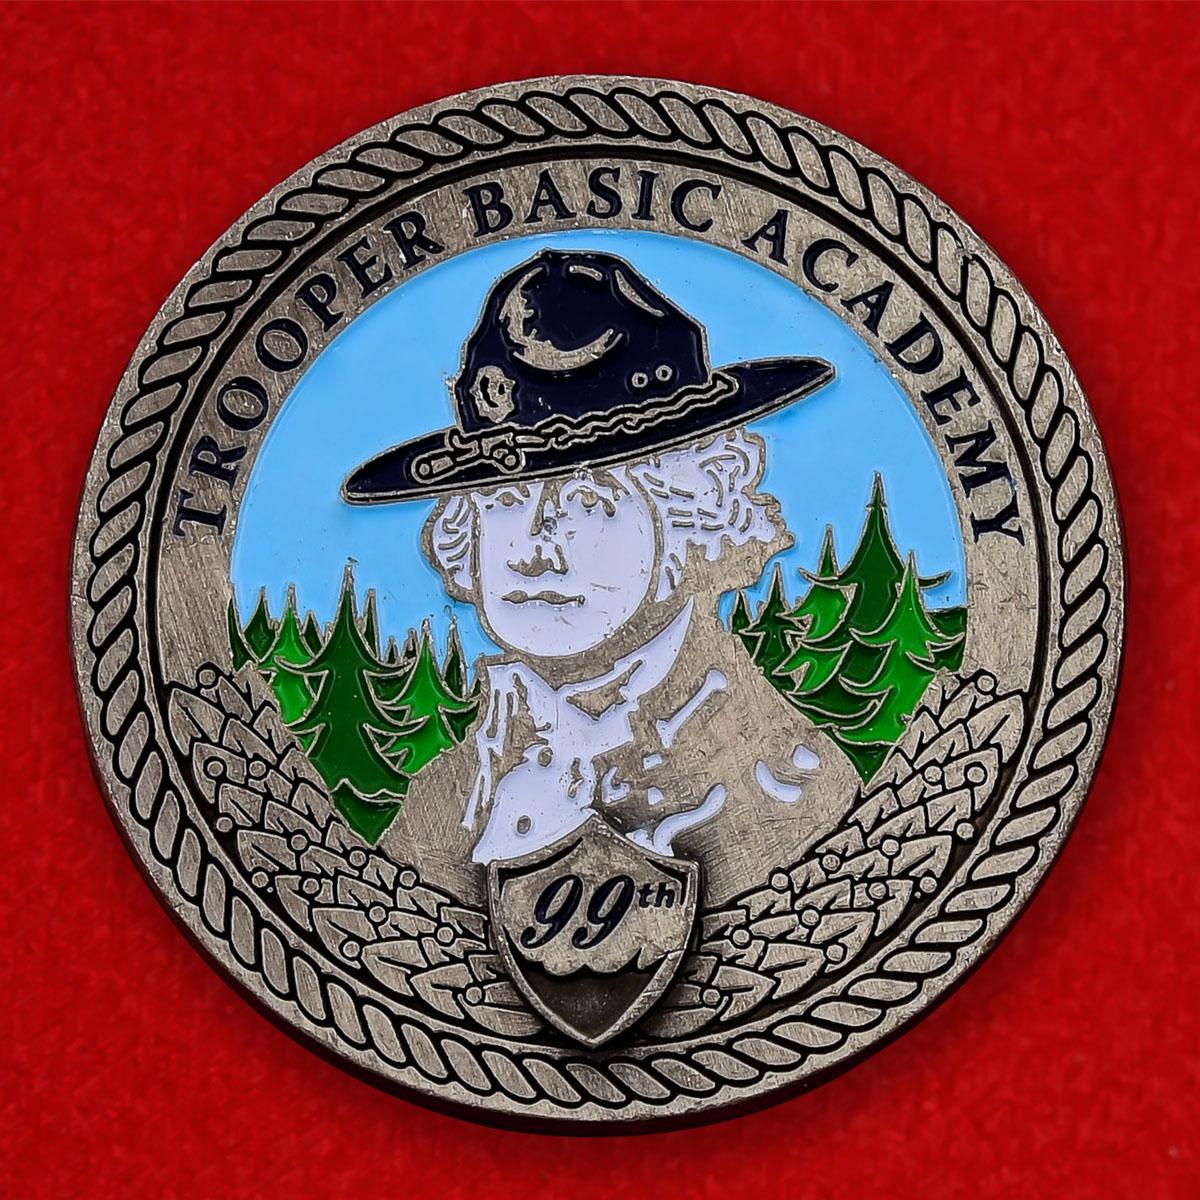 Памятная монета Академии базовой подготовки полицейского патруля